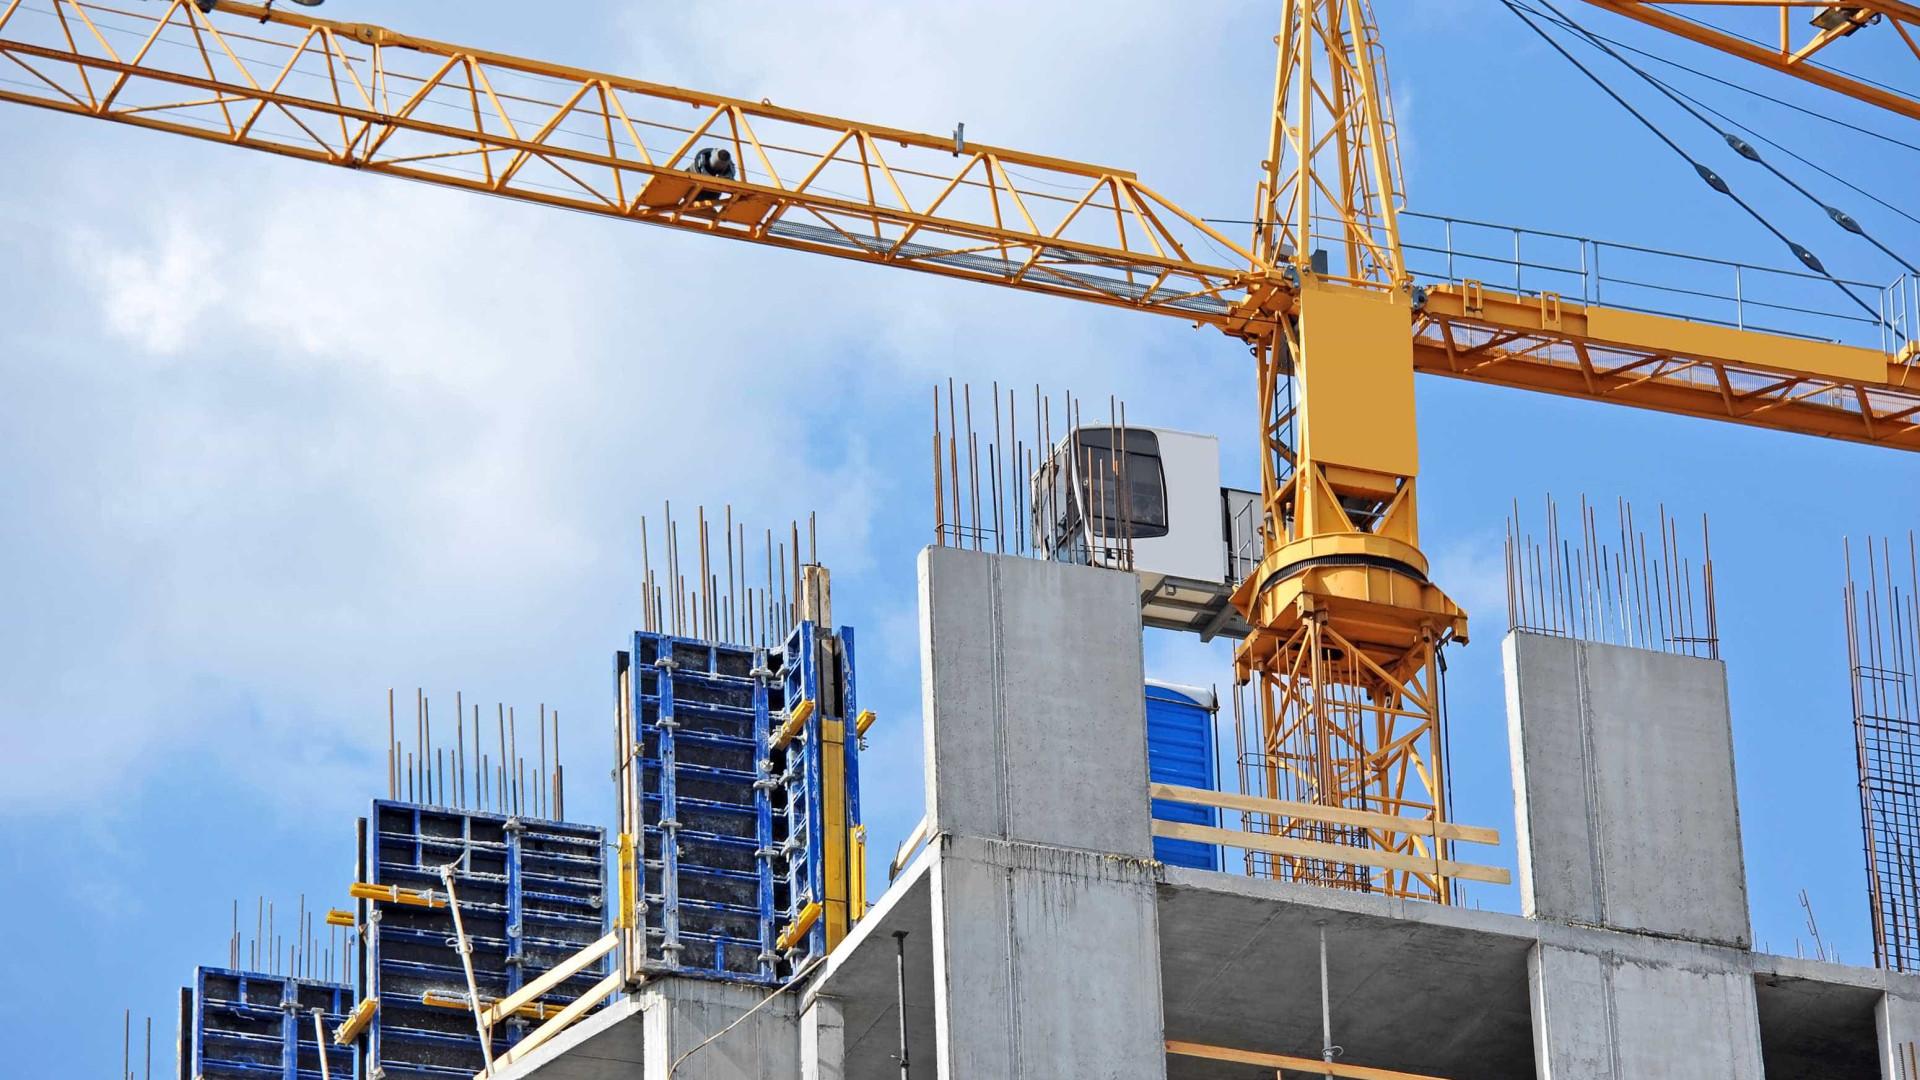 Construção abranda crescimento, mas tem mais emprego e melhores salários